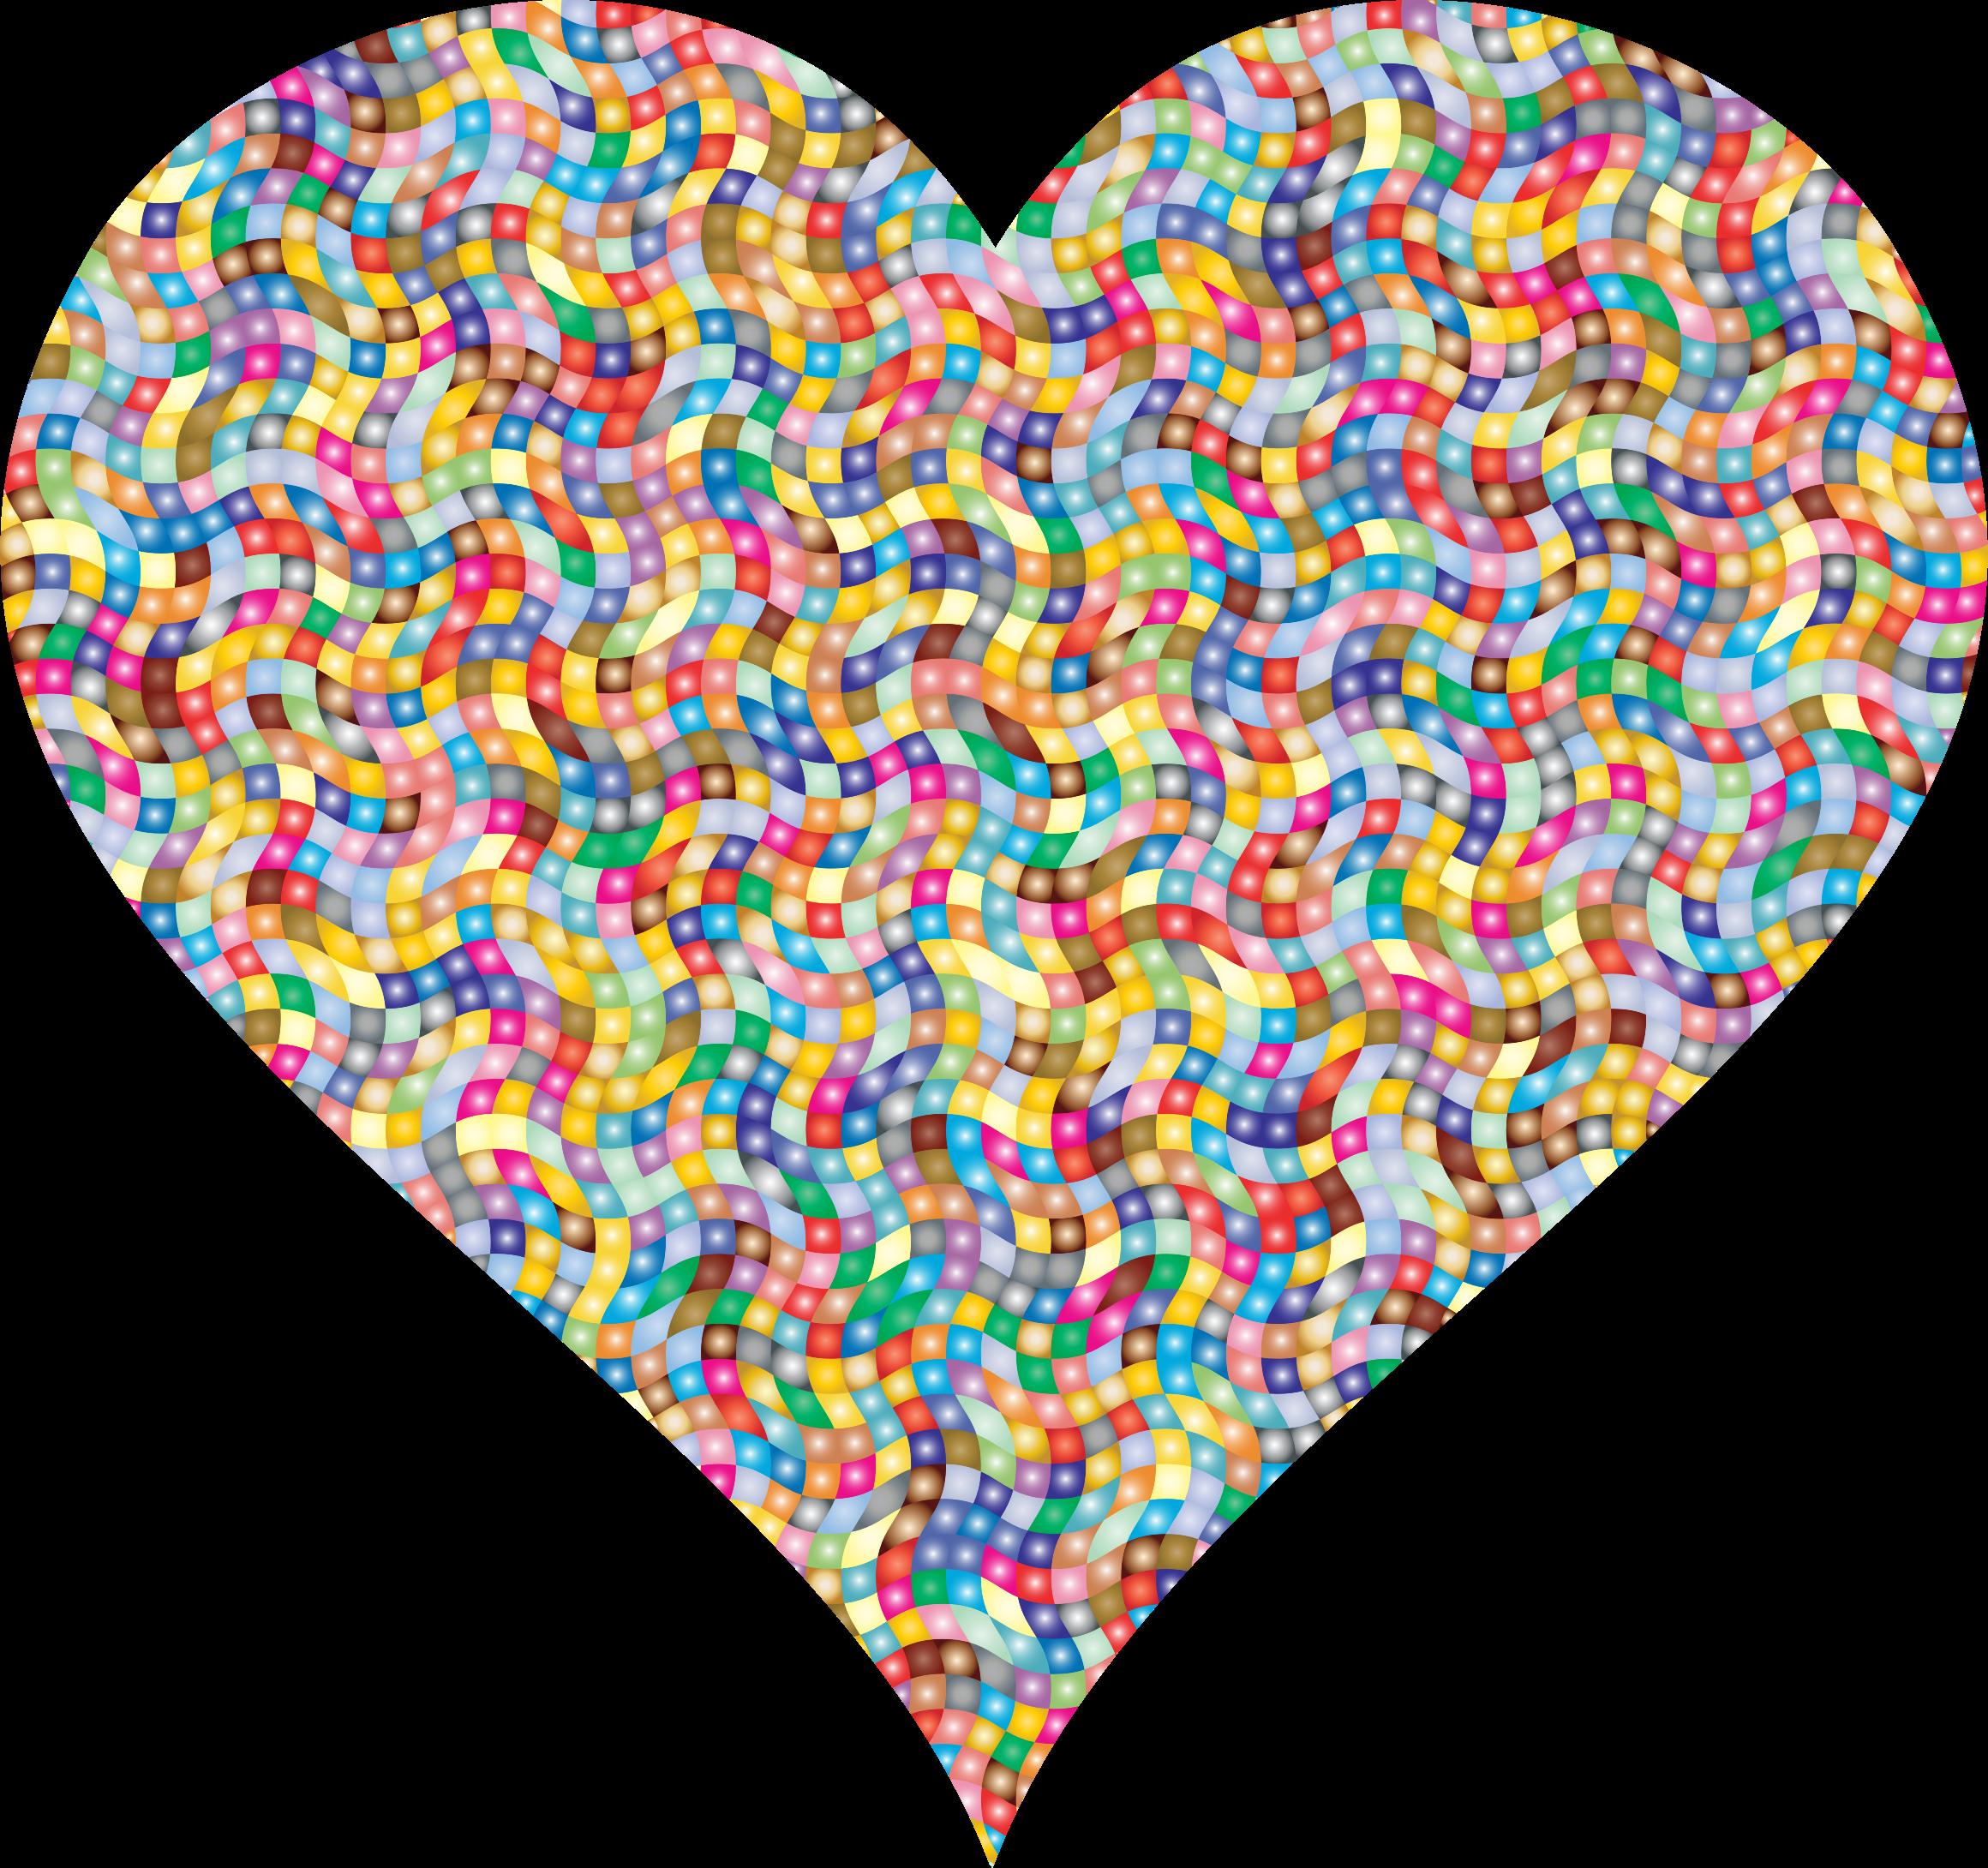 Clipart - Colorful Confetti Heart 4